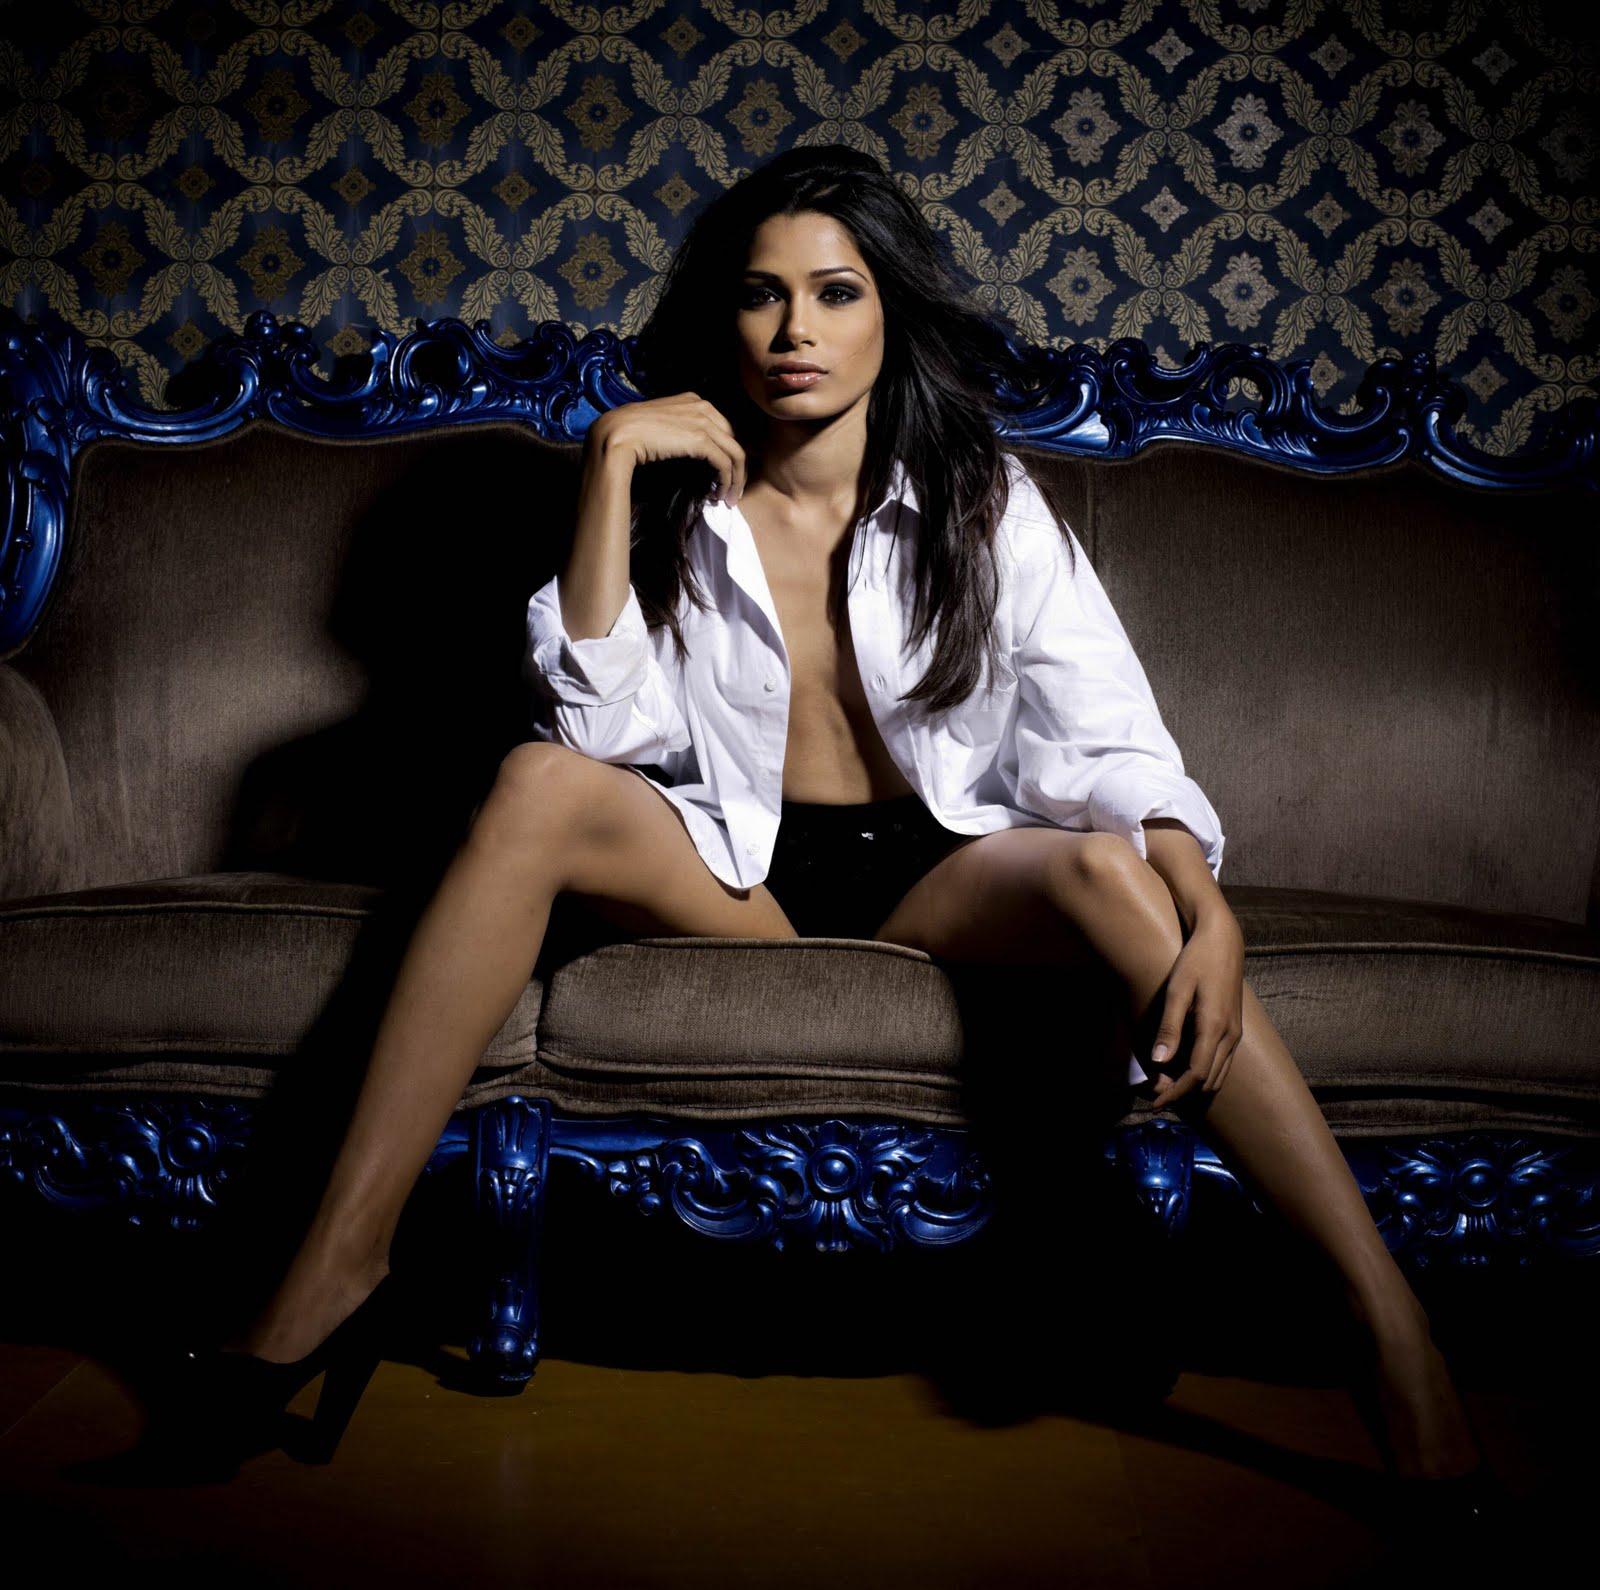 http://3.bp.blogspot.com/_qrmD8jCqKjE/THTd7BsYOmI/AAAAAAAAJl4/UMWwJ5CTypQ/s1600/Freida-Pinto-White-Shirt-Black-undies-2.jpg